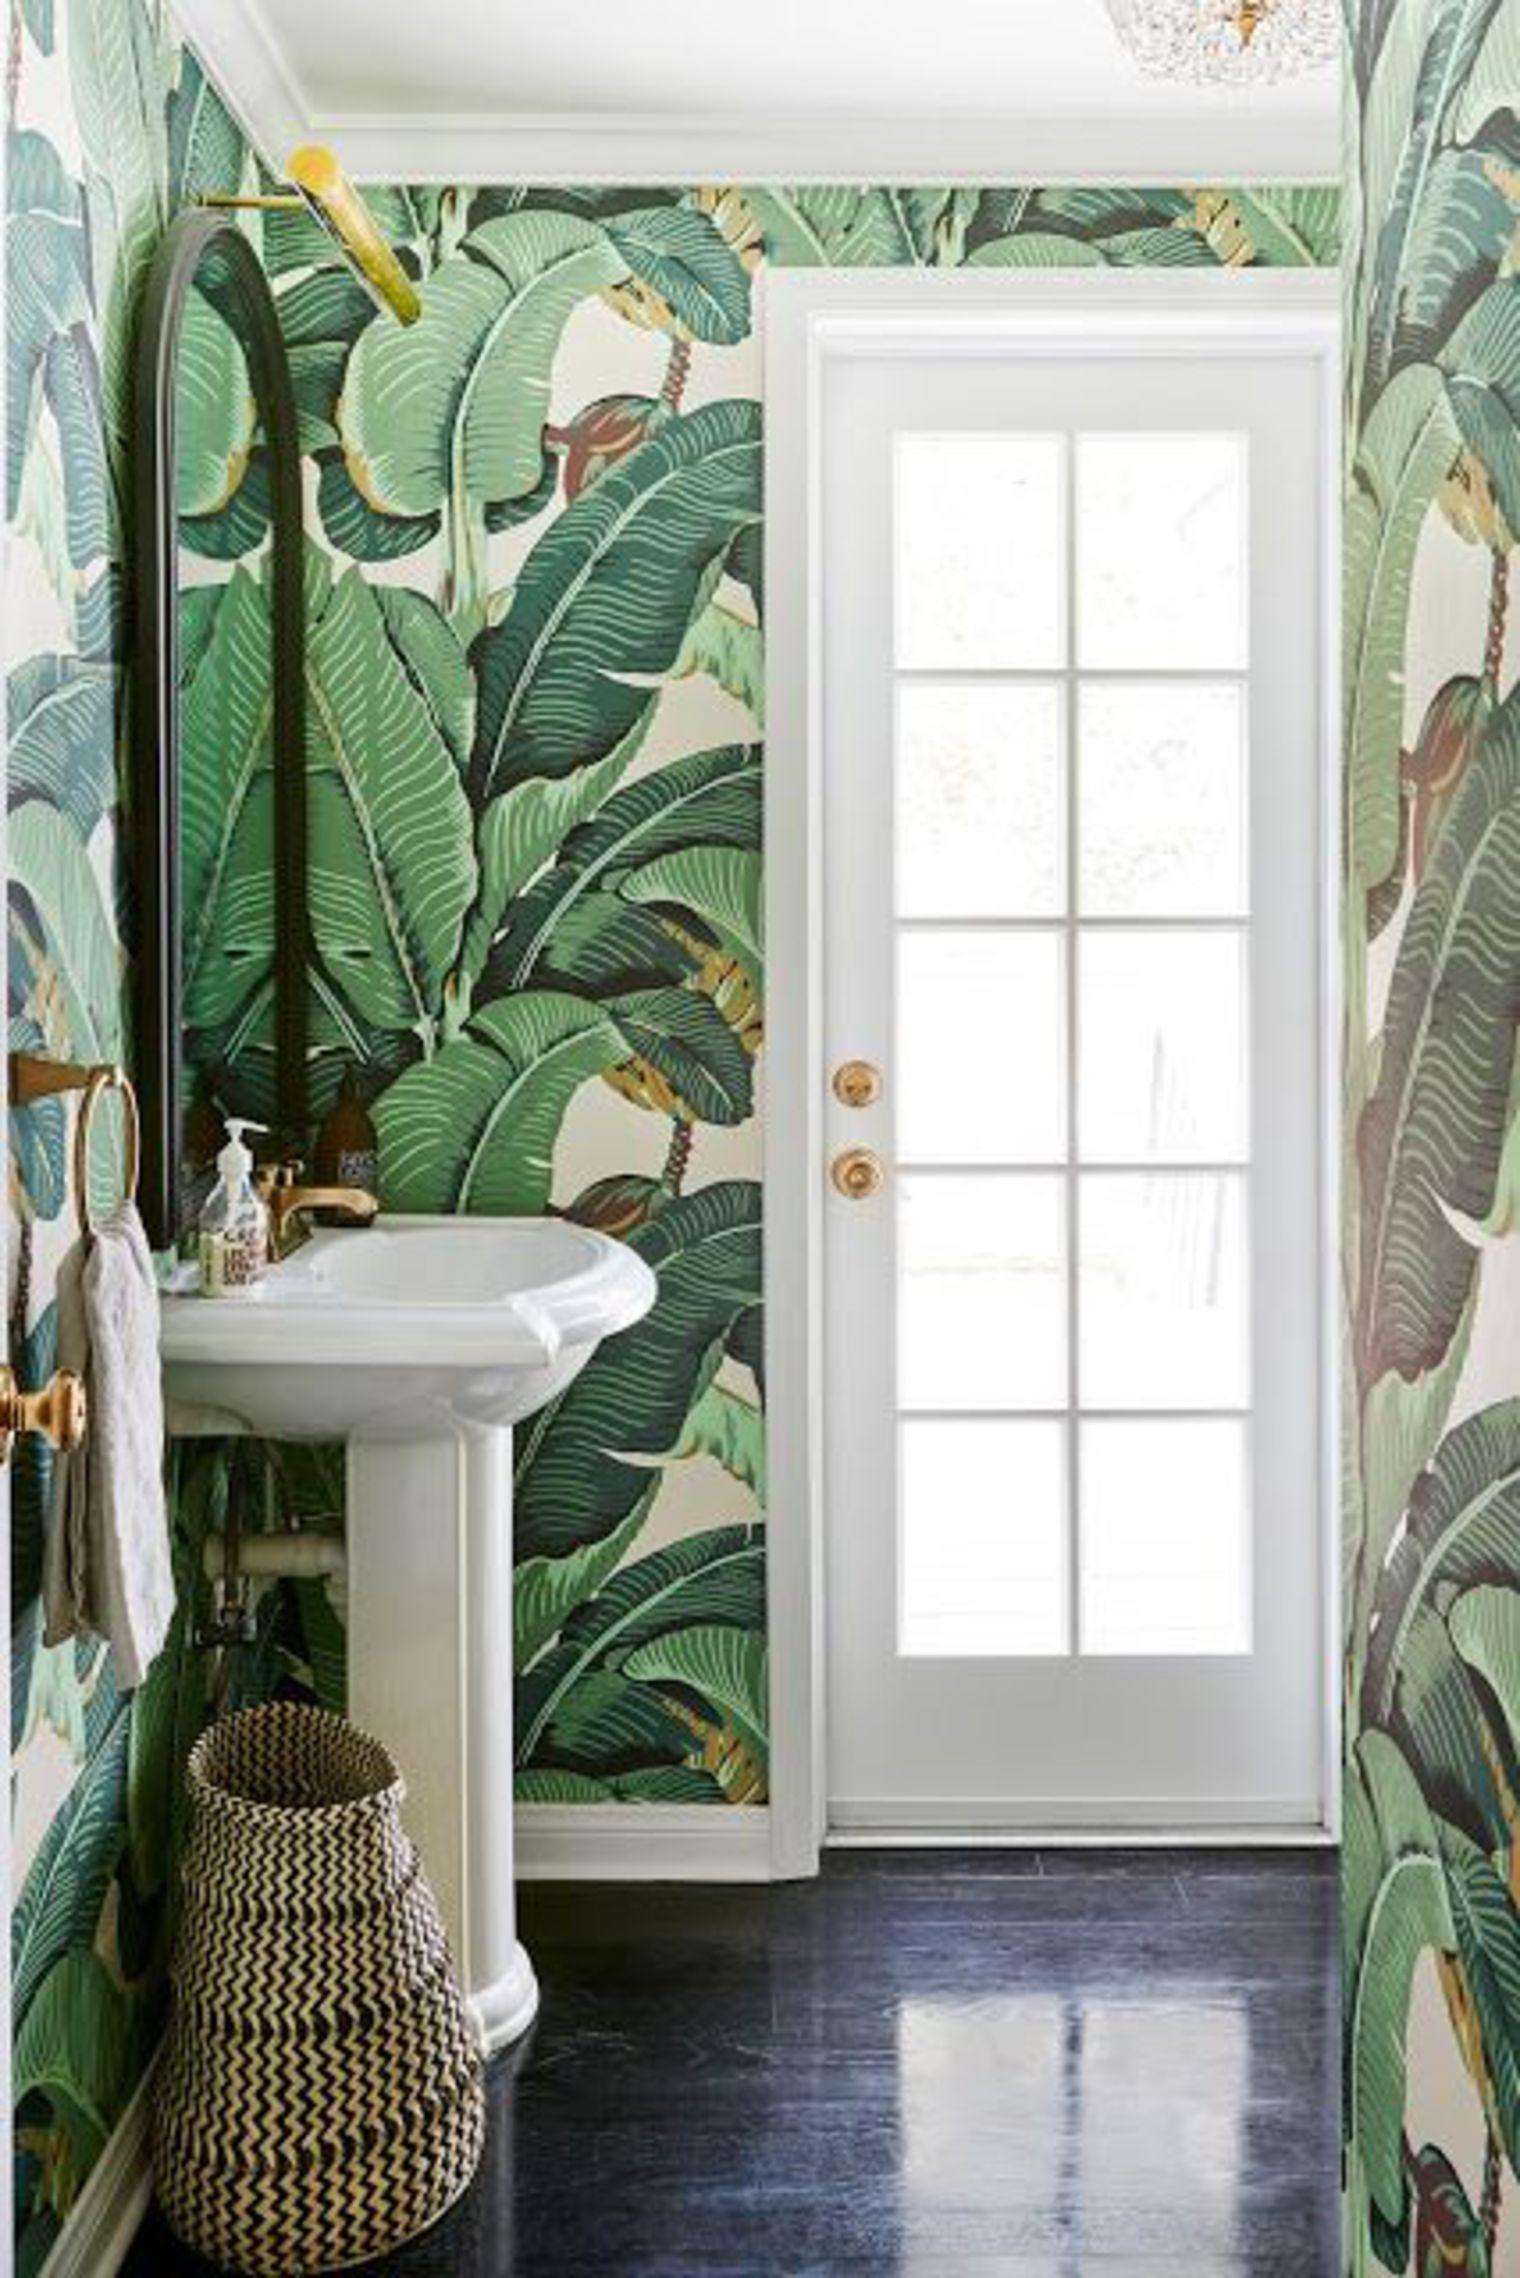 Carrelage Salle De Bain Jungle ~ 10 rev tements muraux qui dynamisent la salle de bain